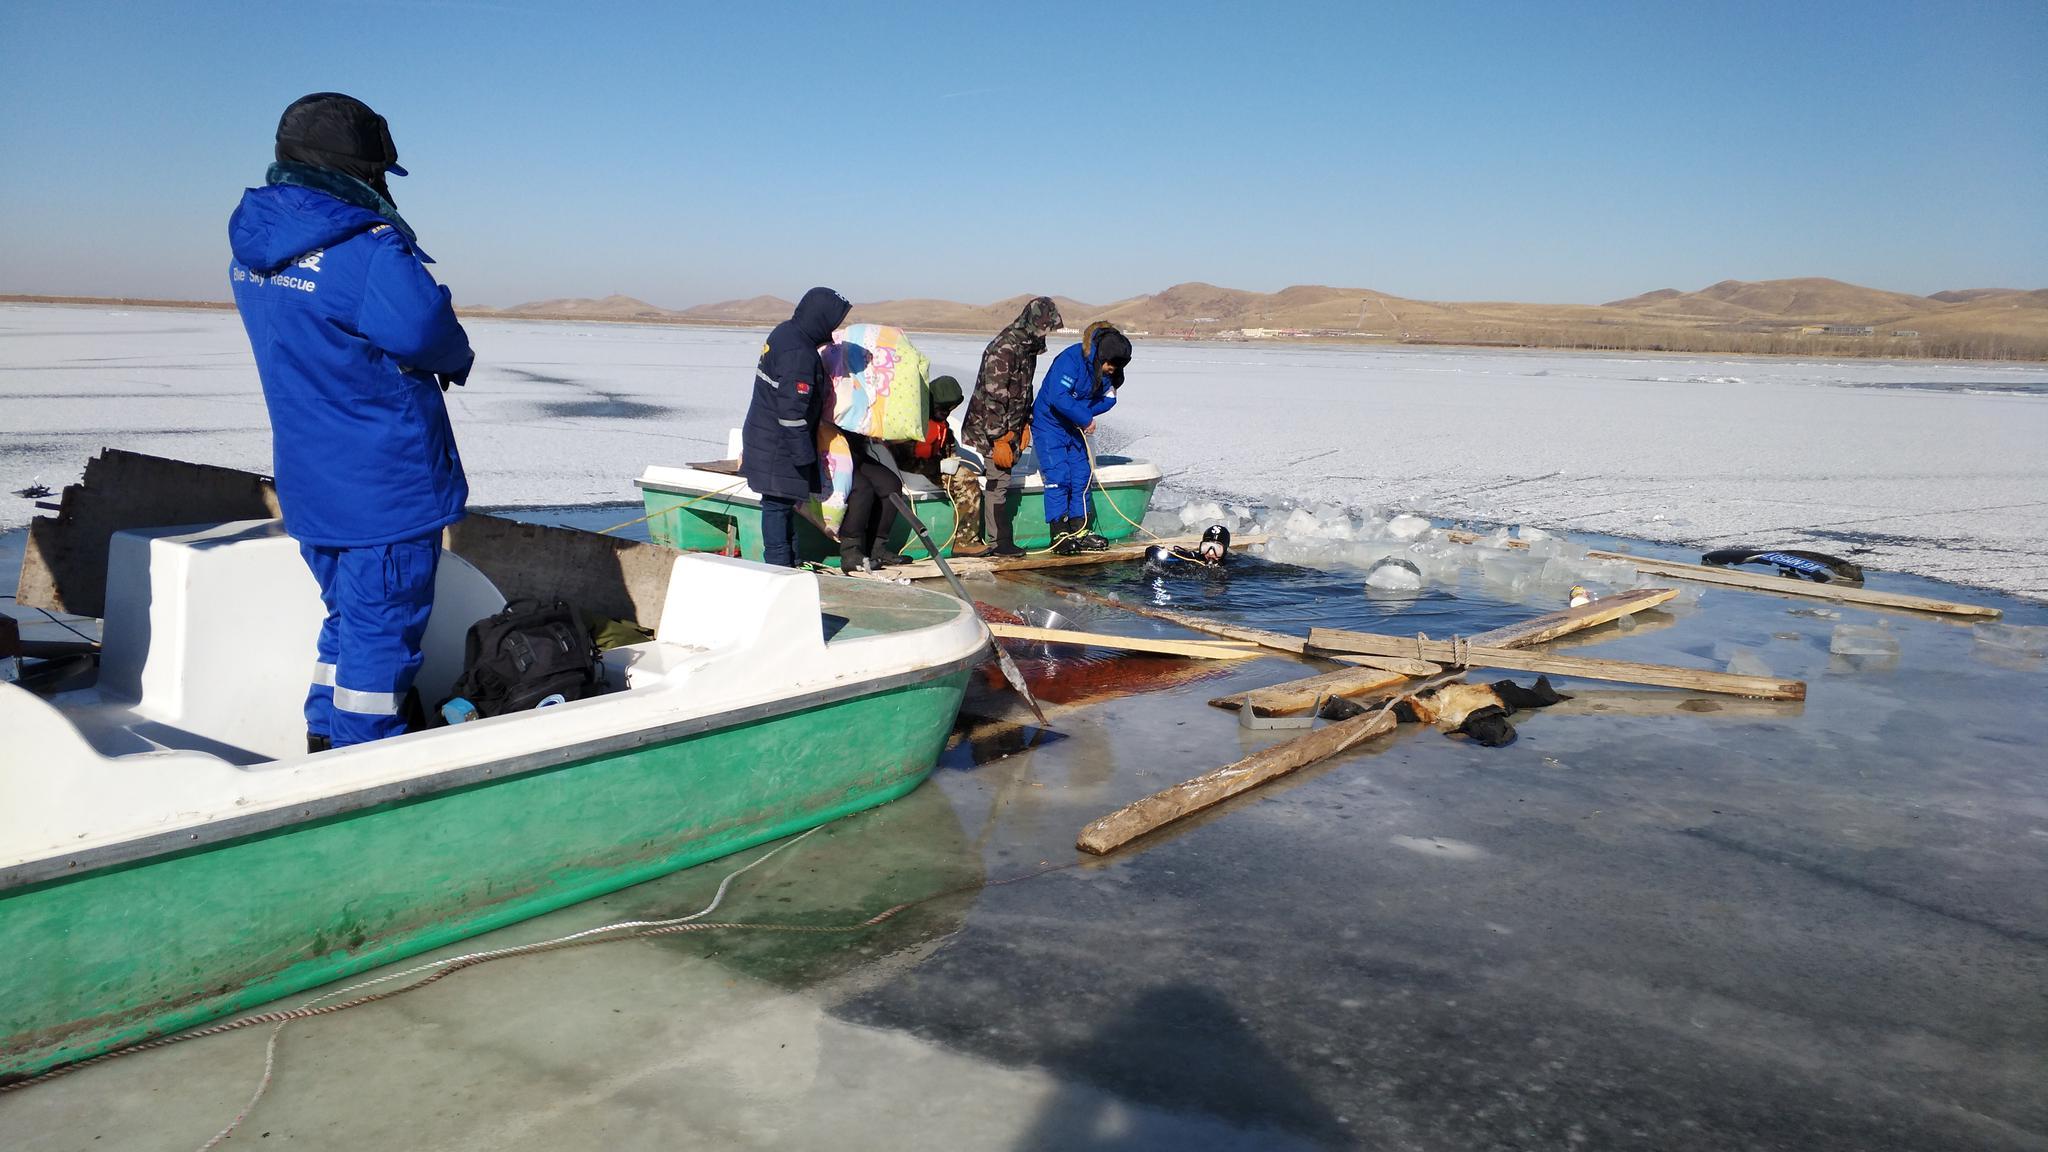 河北张家口一对父女开车坠冰湖 遗体被打捞出水